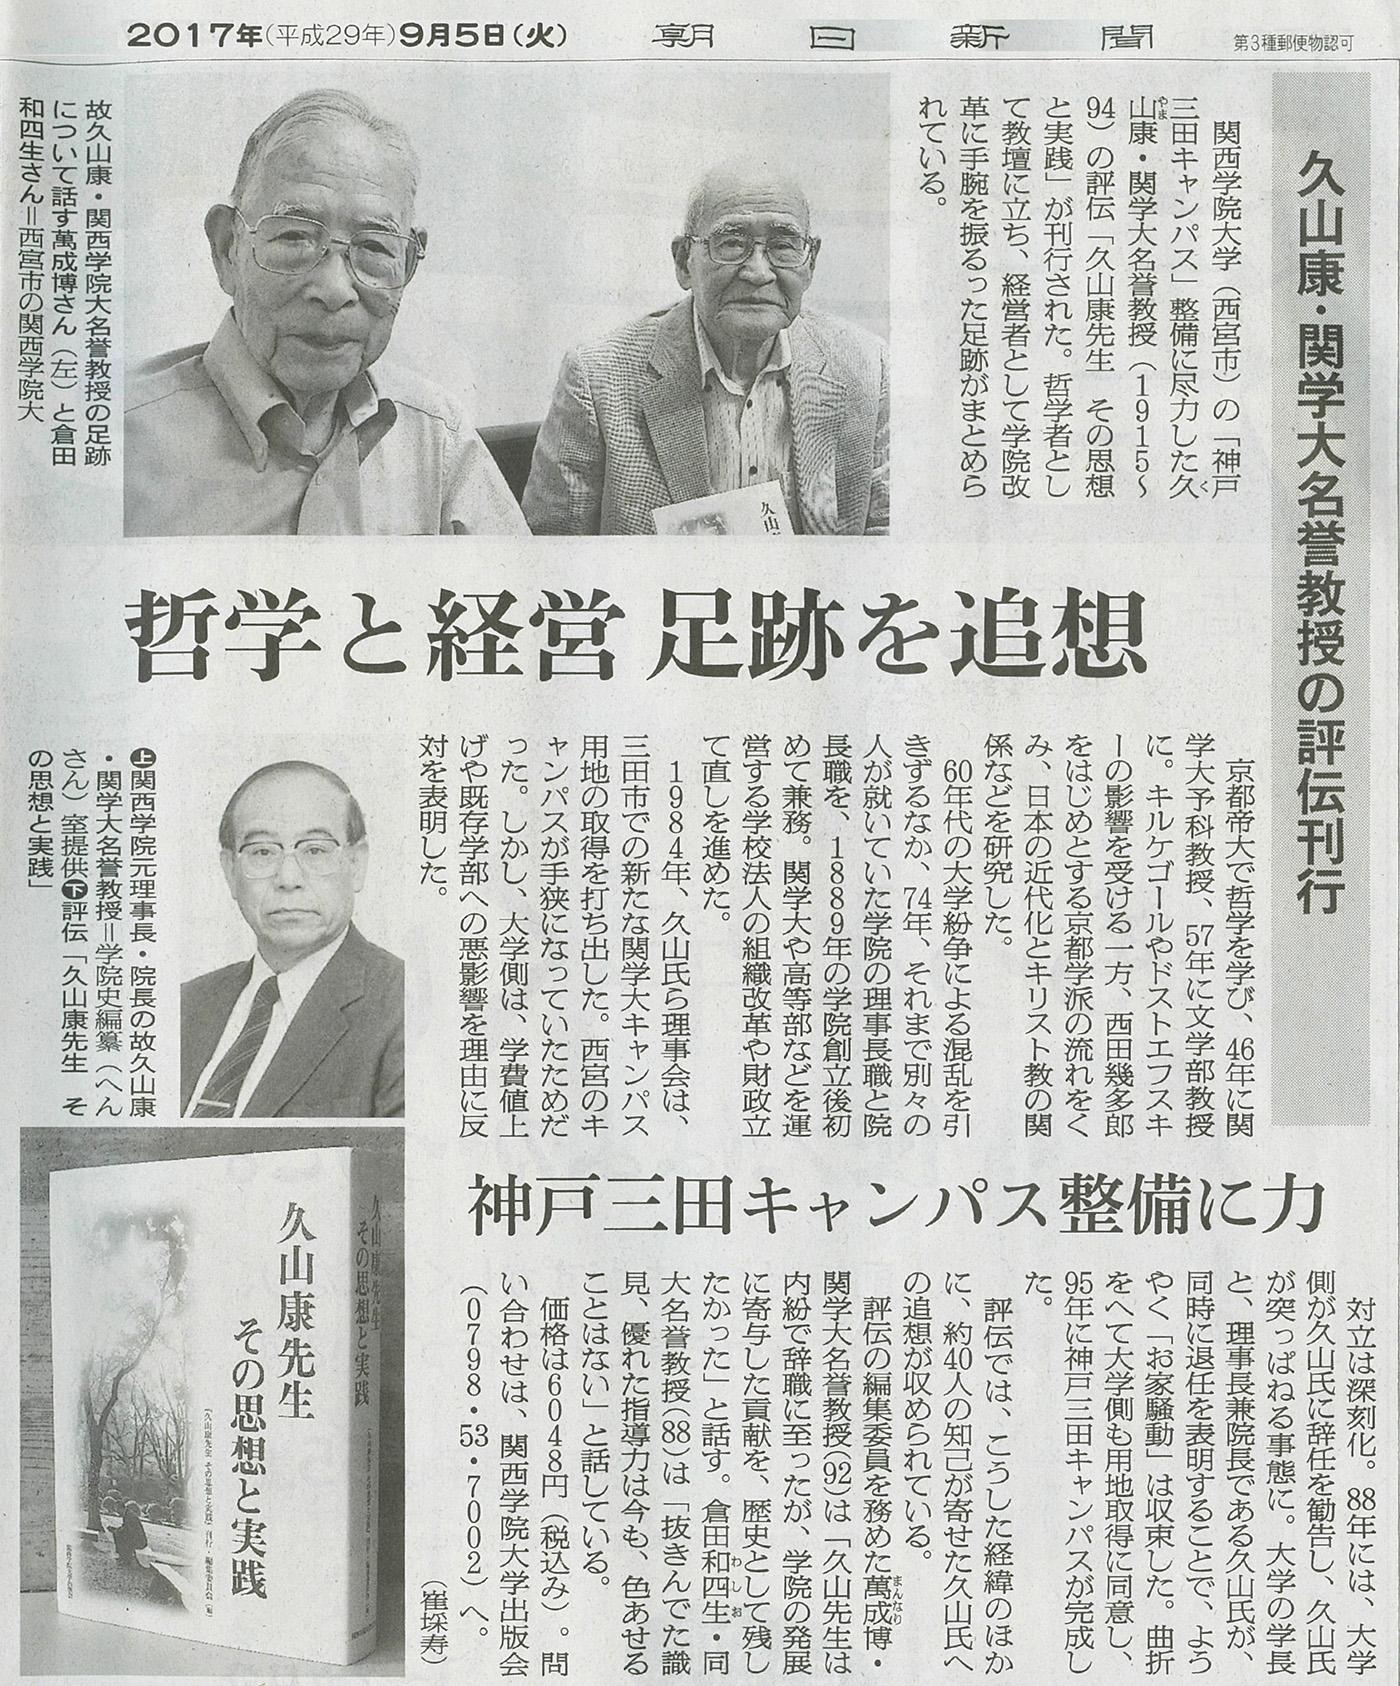 久山先生170905朝日新聞